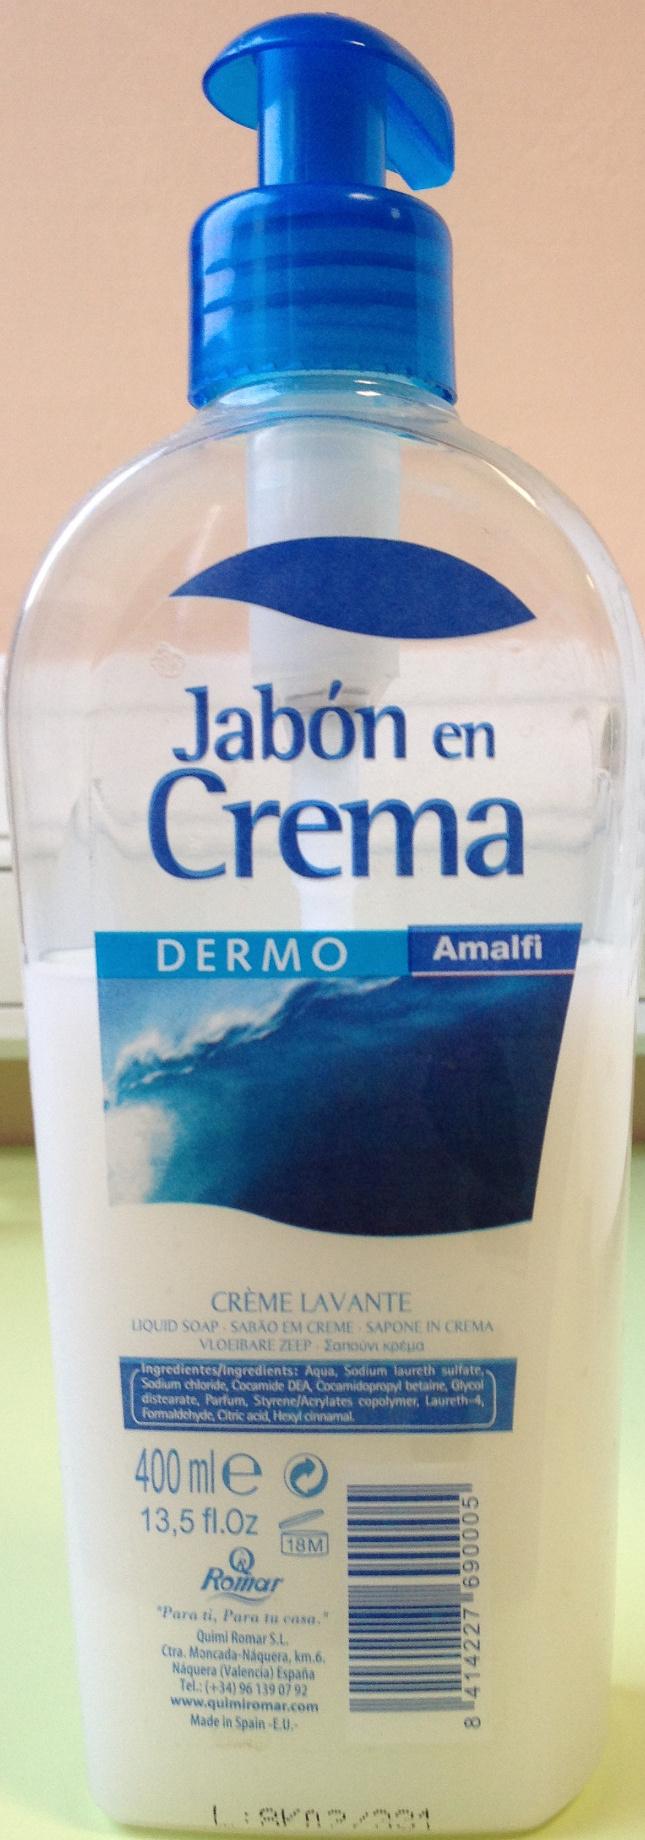 Crème lavante Jabon en Crema - Produit - fr